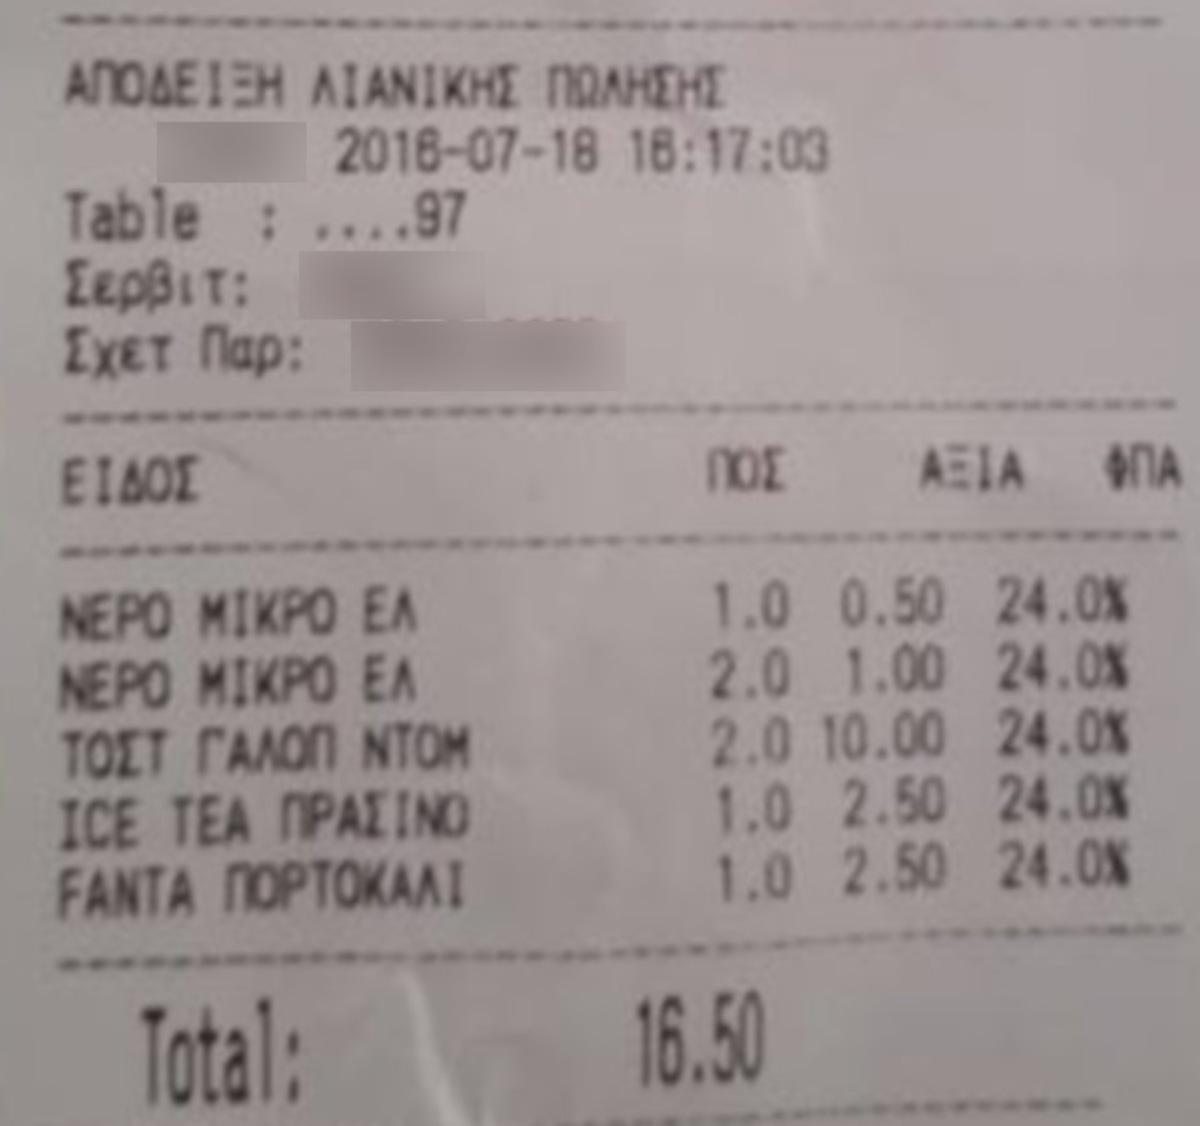 Ζάκυνθος: Η απόδειξη που διχάζει το διαδίκτυο – Η χρέωση έκανε πυρ και μανία τον πελάτη (Φωτό)!